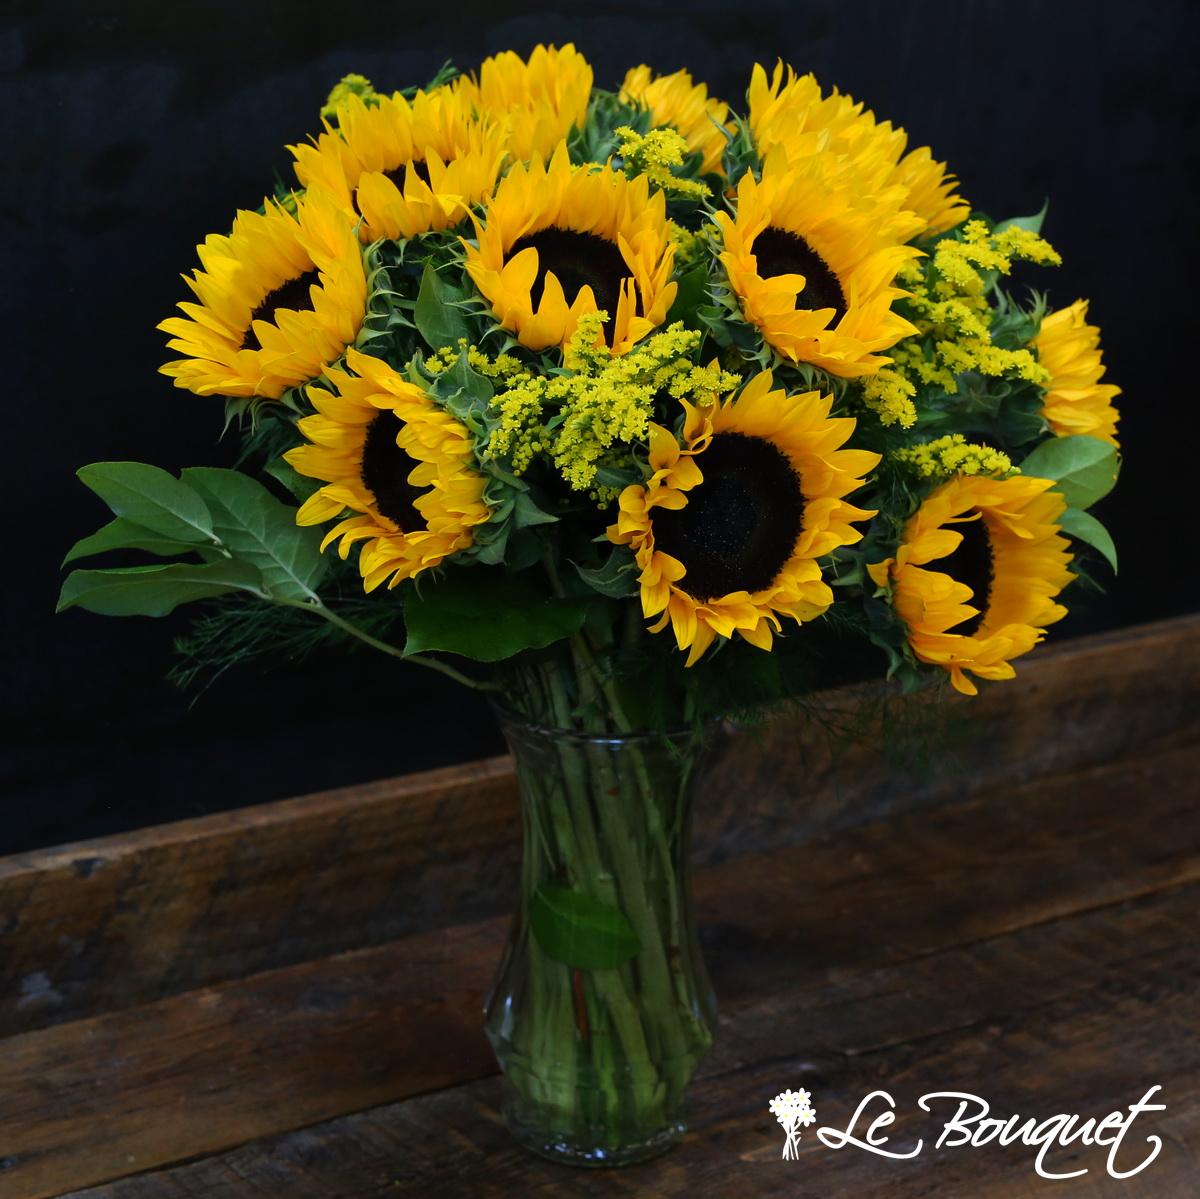 deluxe sunflower vase arrangement